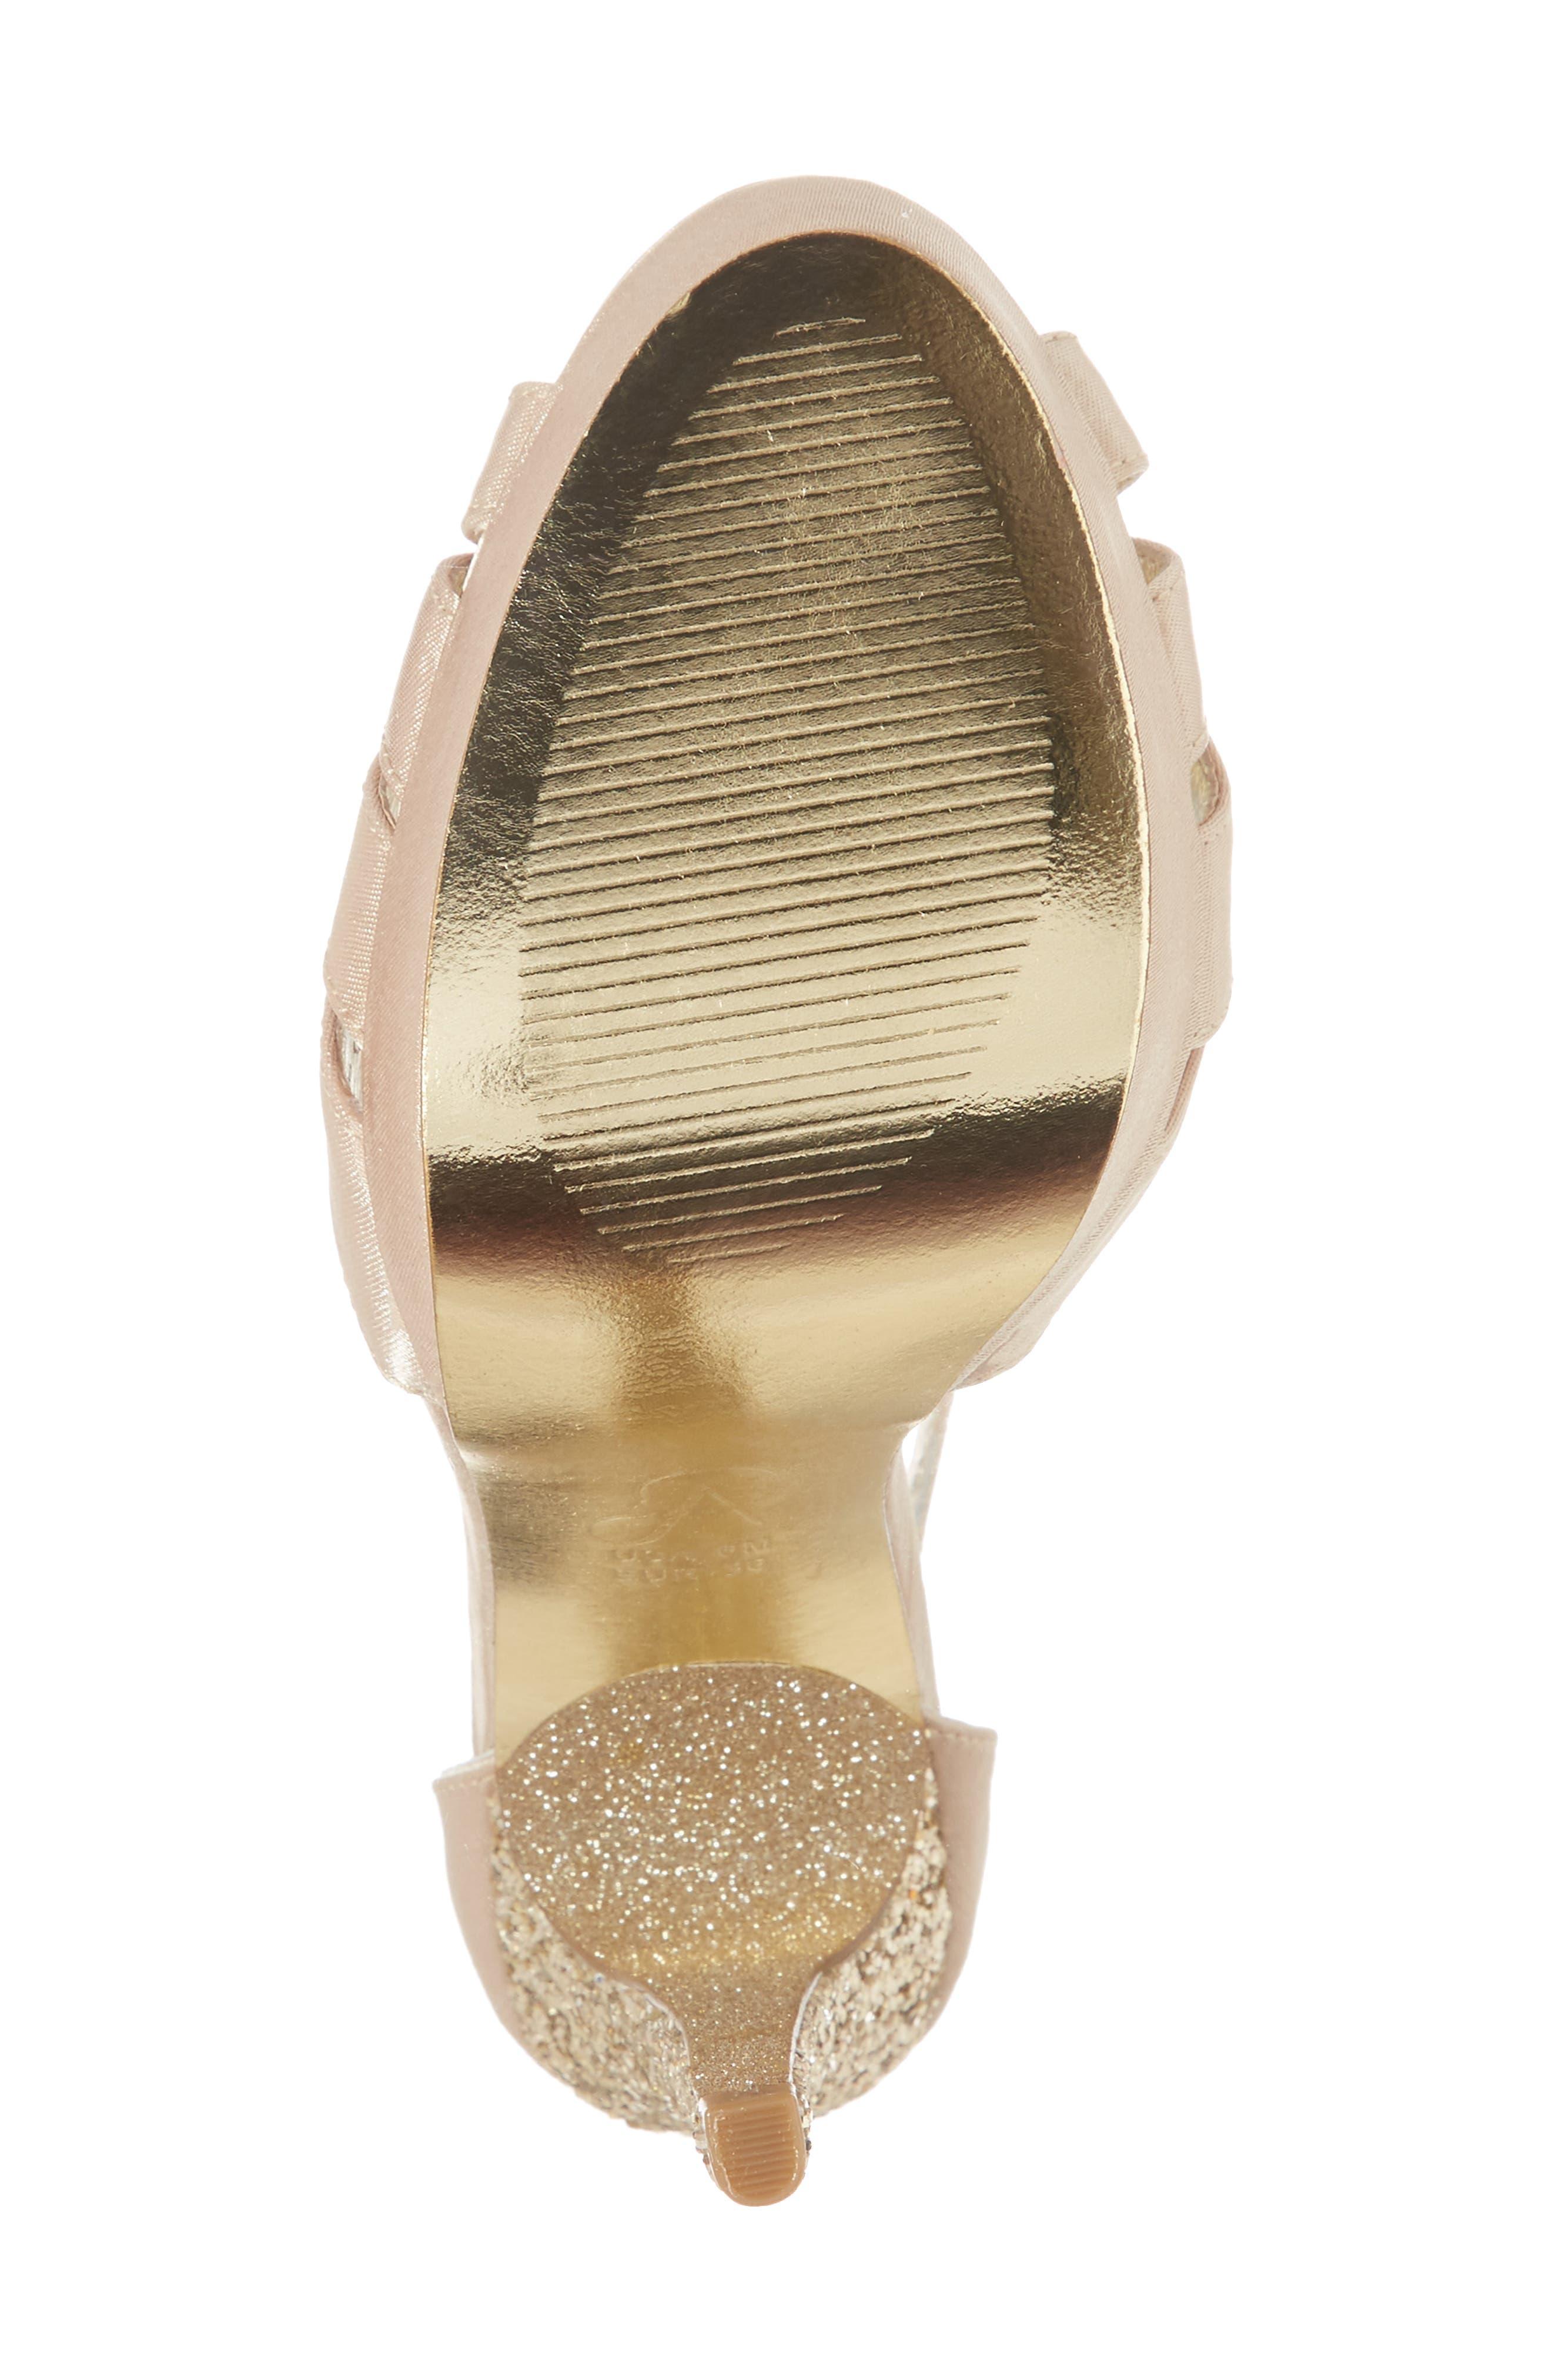 Samoa Platform Sandal,                             Alternate thumbnail 6, color,                             Nude Classic Satin